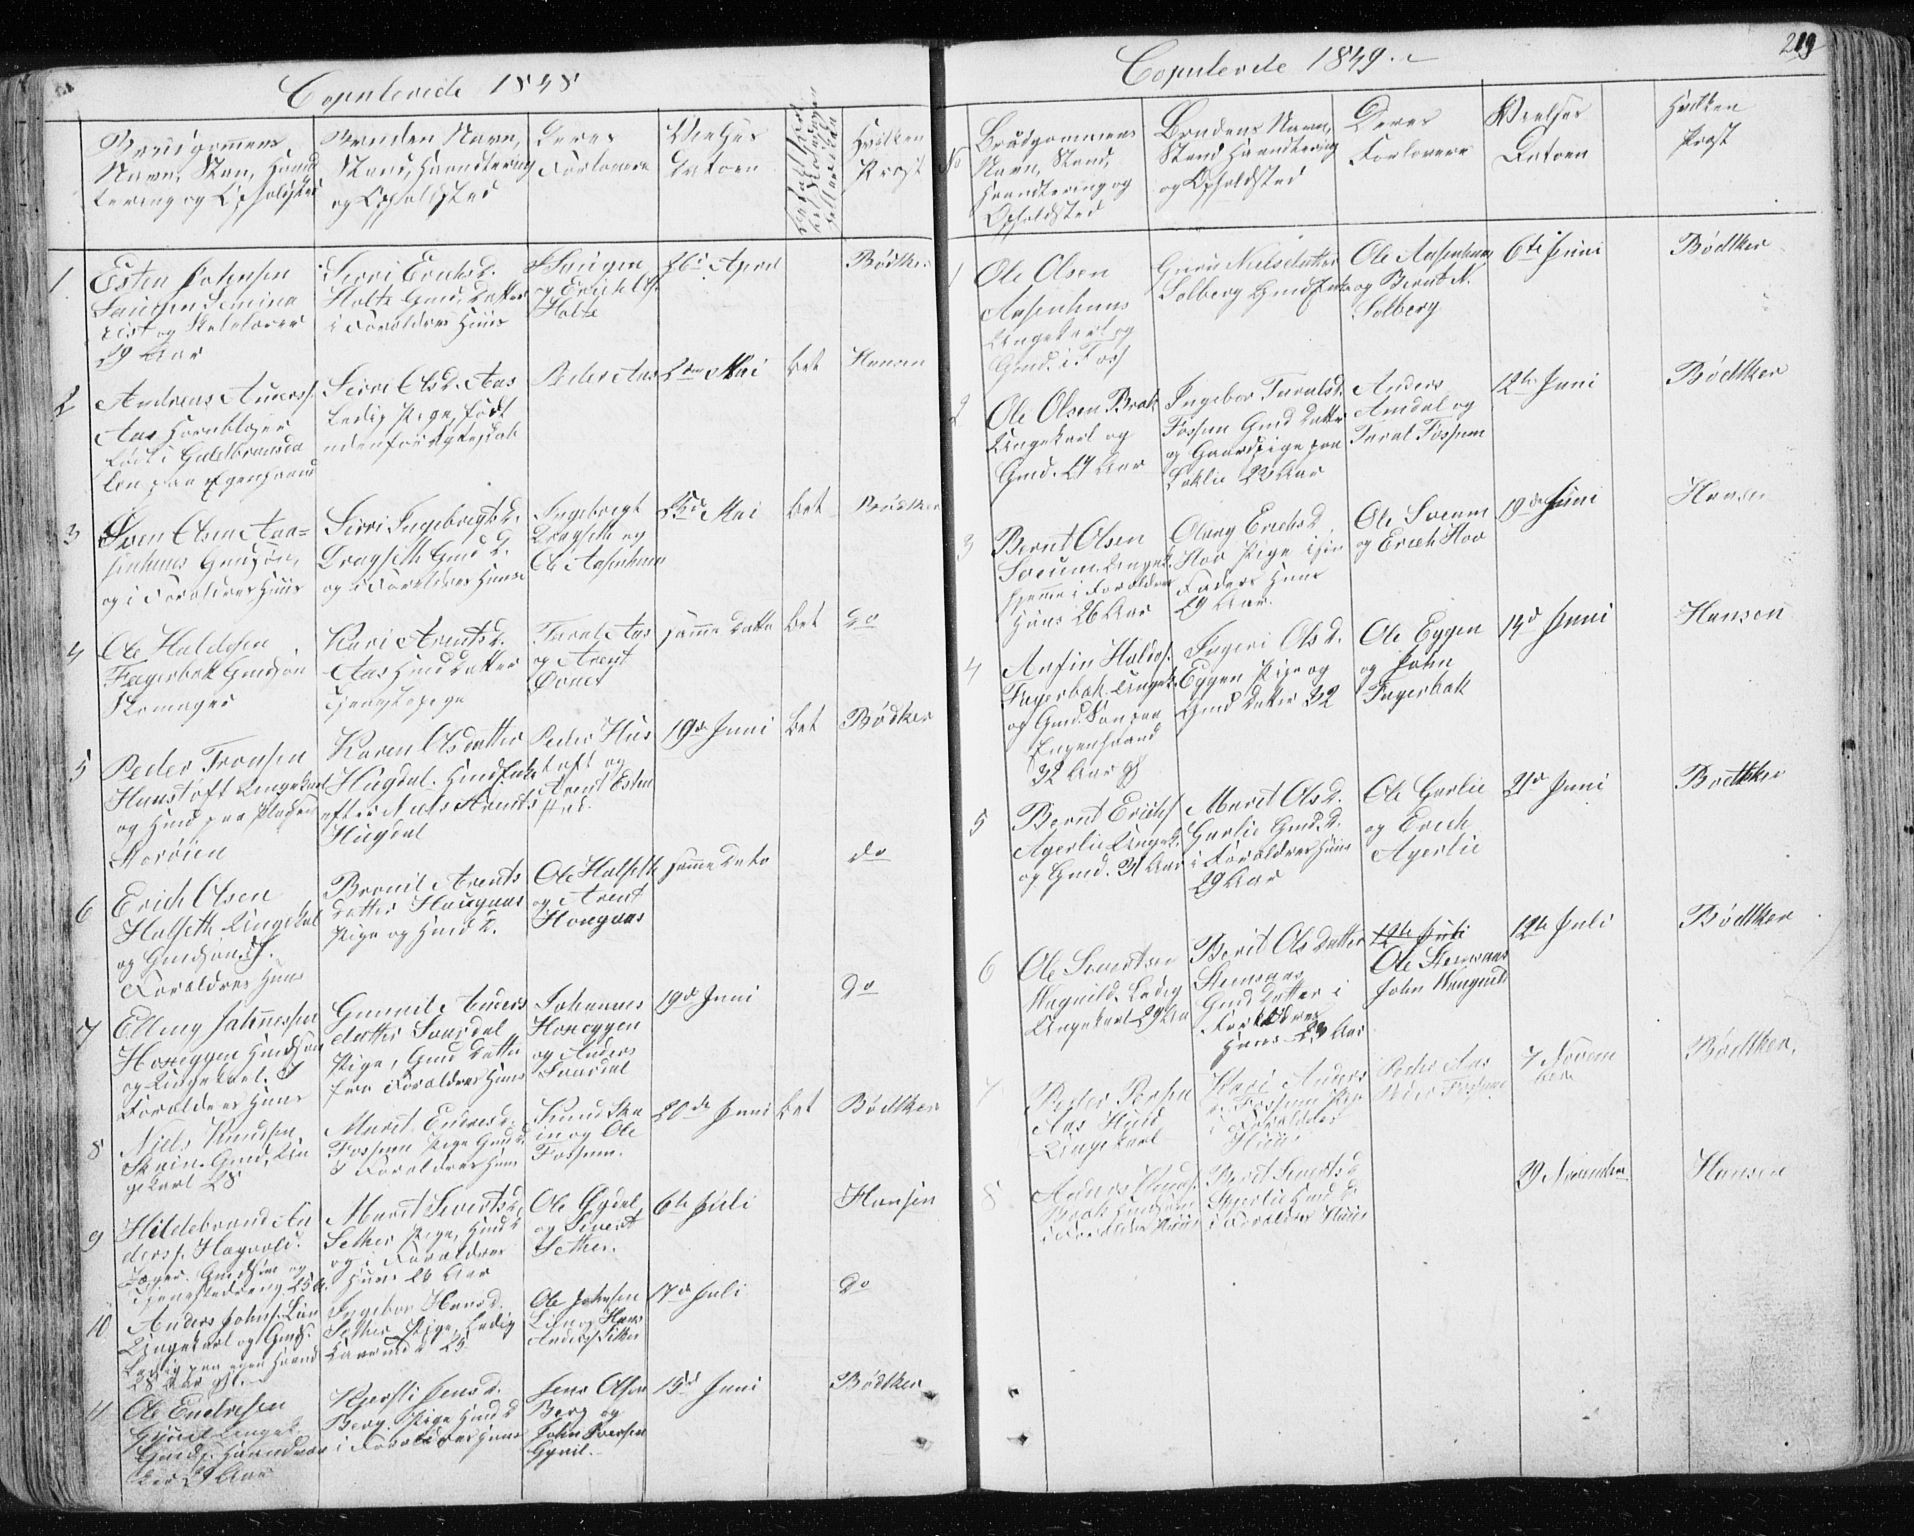 SAT, Ministerialprotokoller, klokkerbøker og fødselsregistre - Sør-Trøndelag, 689/L1043: Klokkerbok nr. 689C02, 1816-1892, s. 219